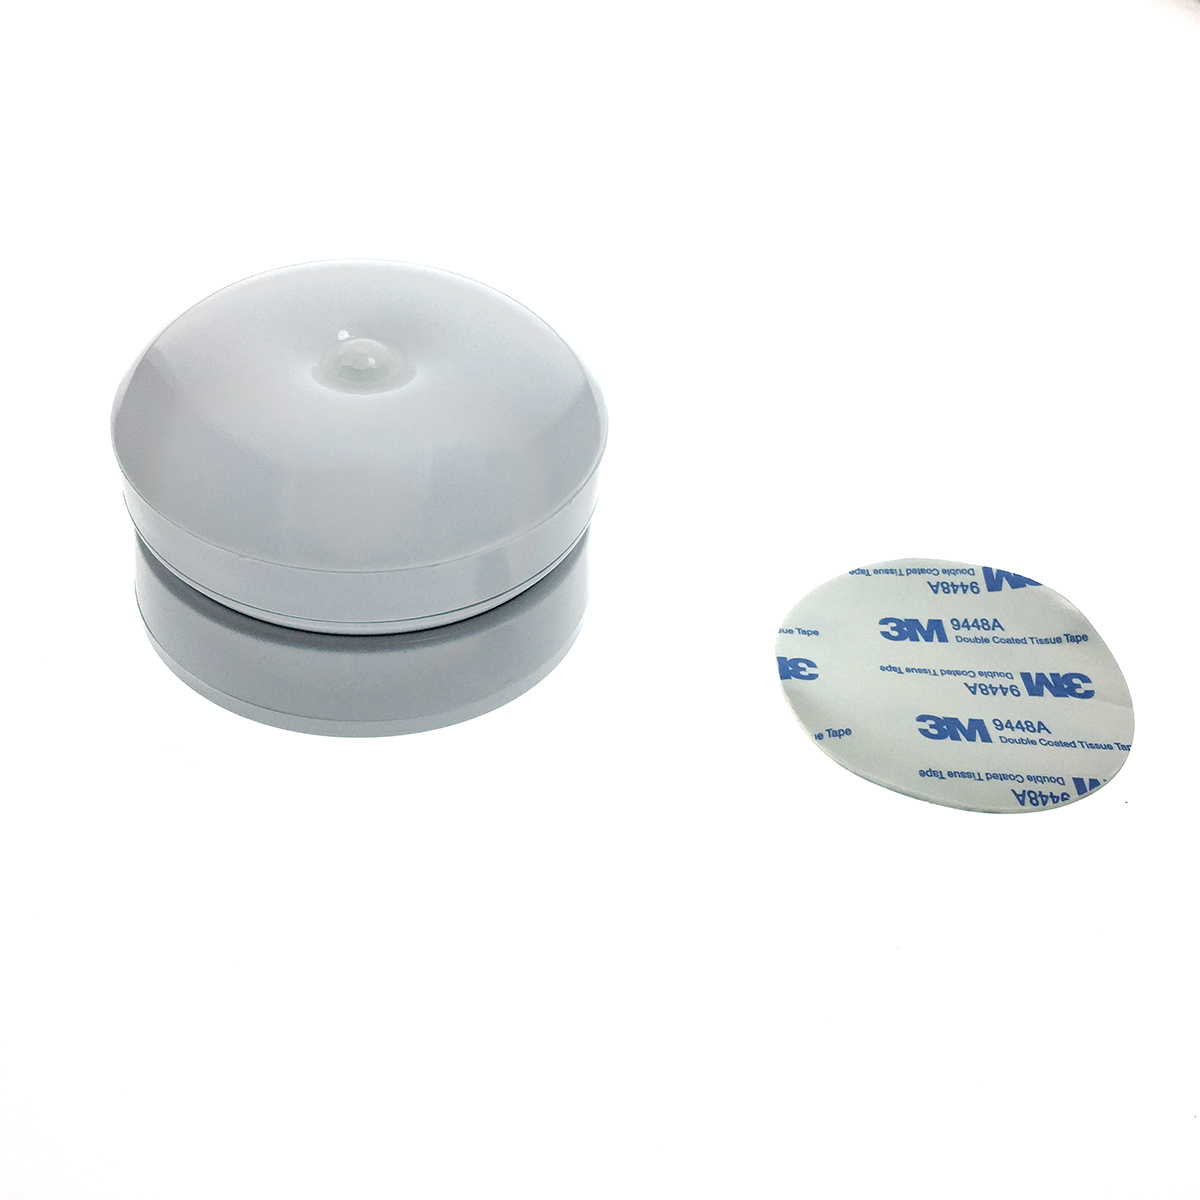 Светодиодный светильник - фонарик/ночник с датчиком света/освещенности и движения Espada E-UFOM360WW с подставкой на магните